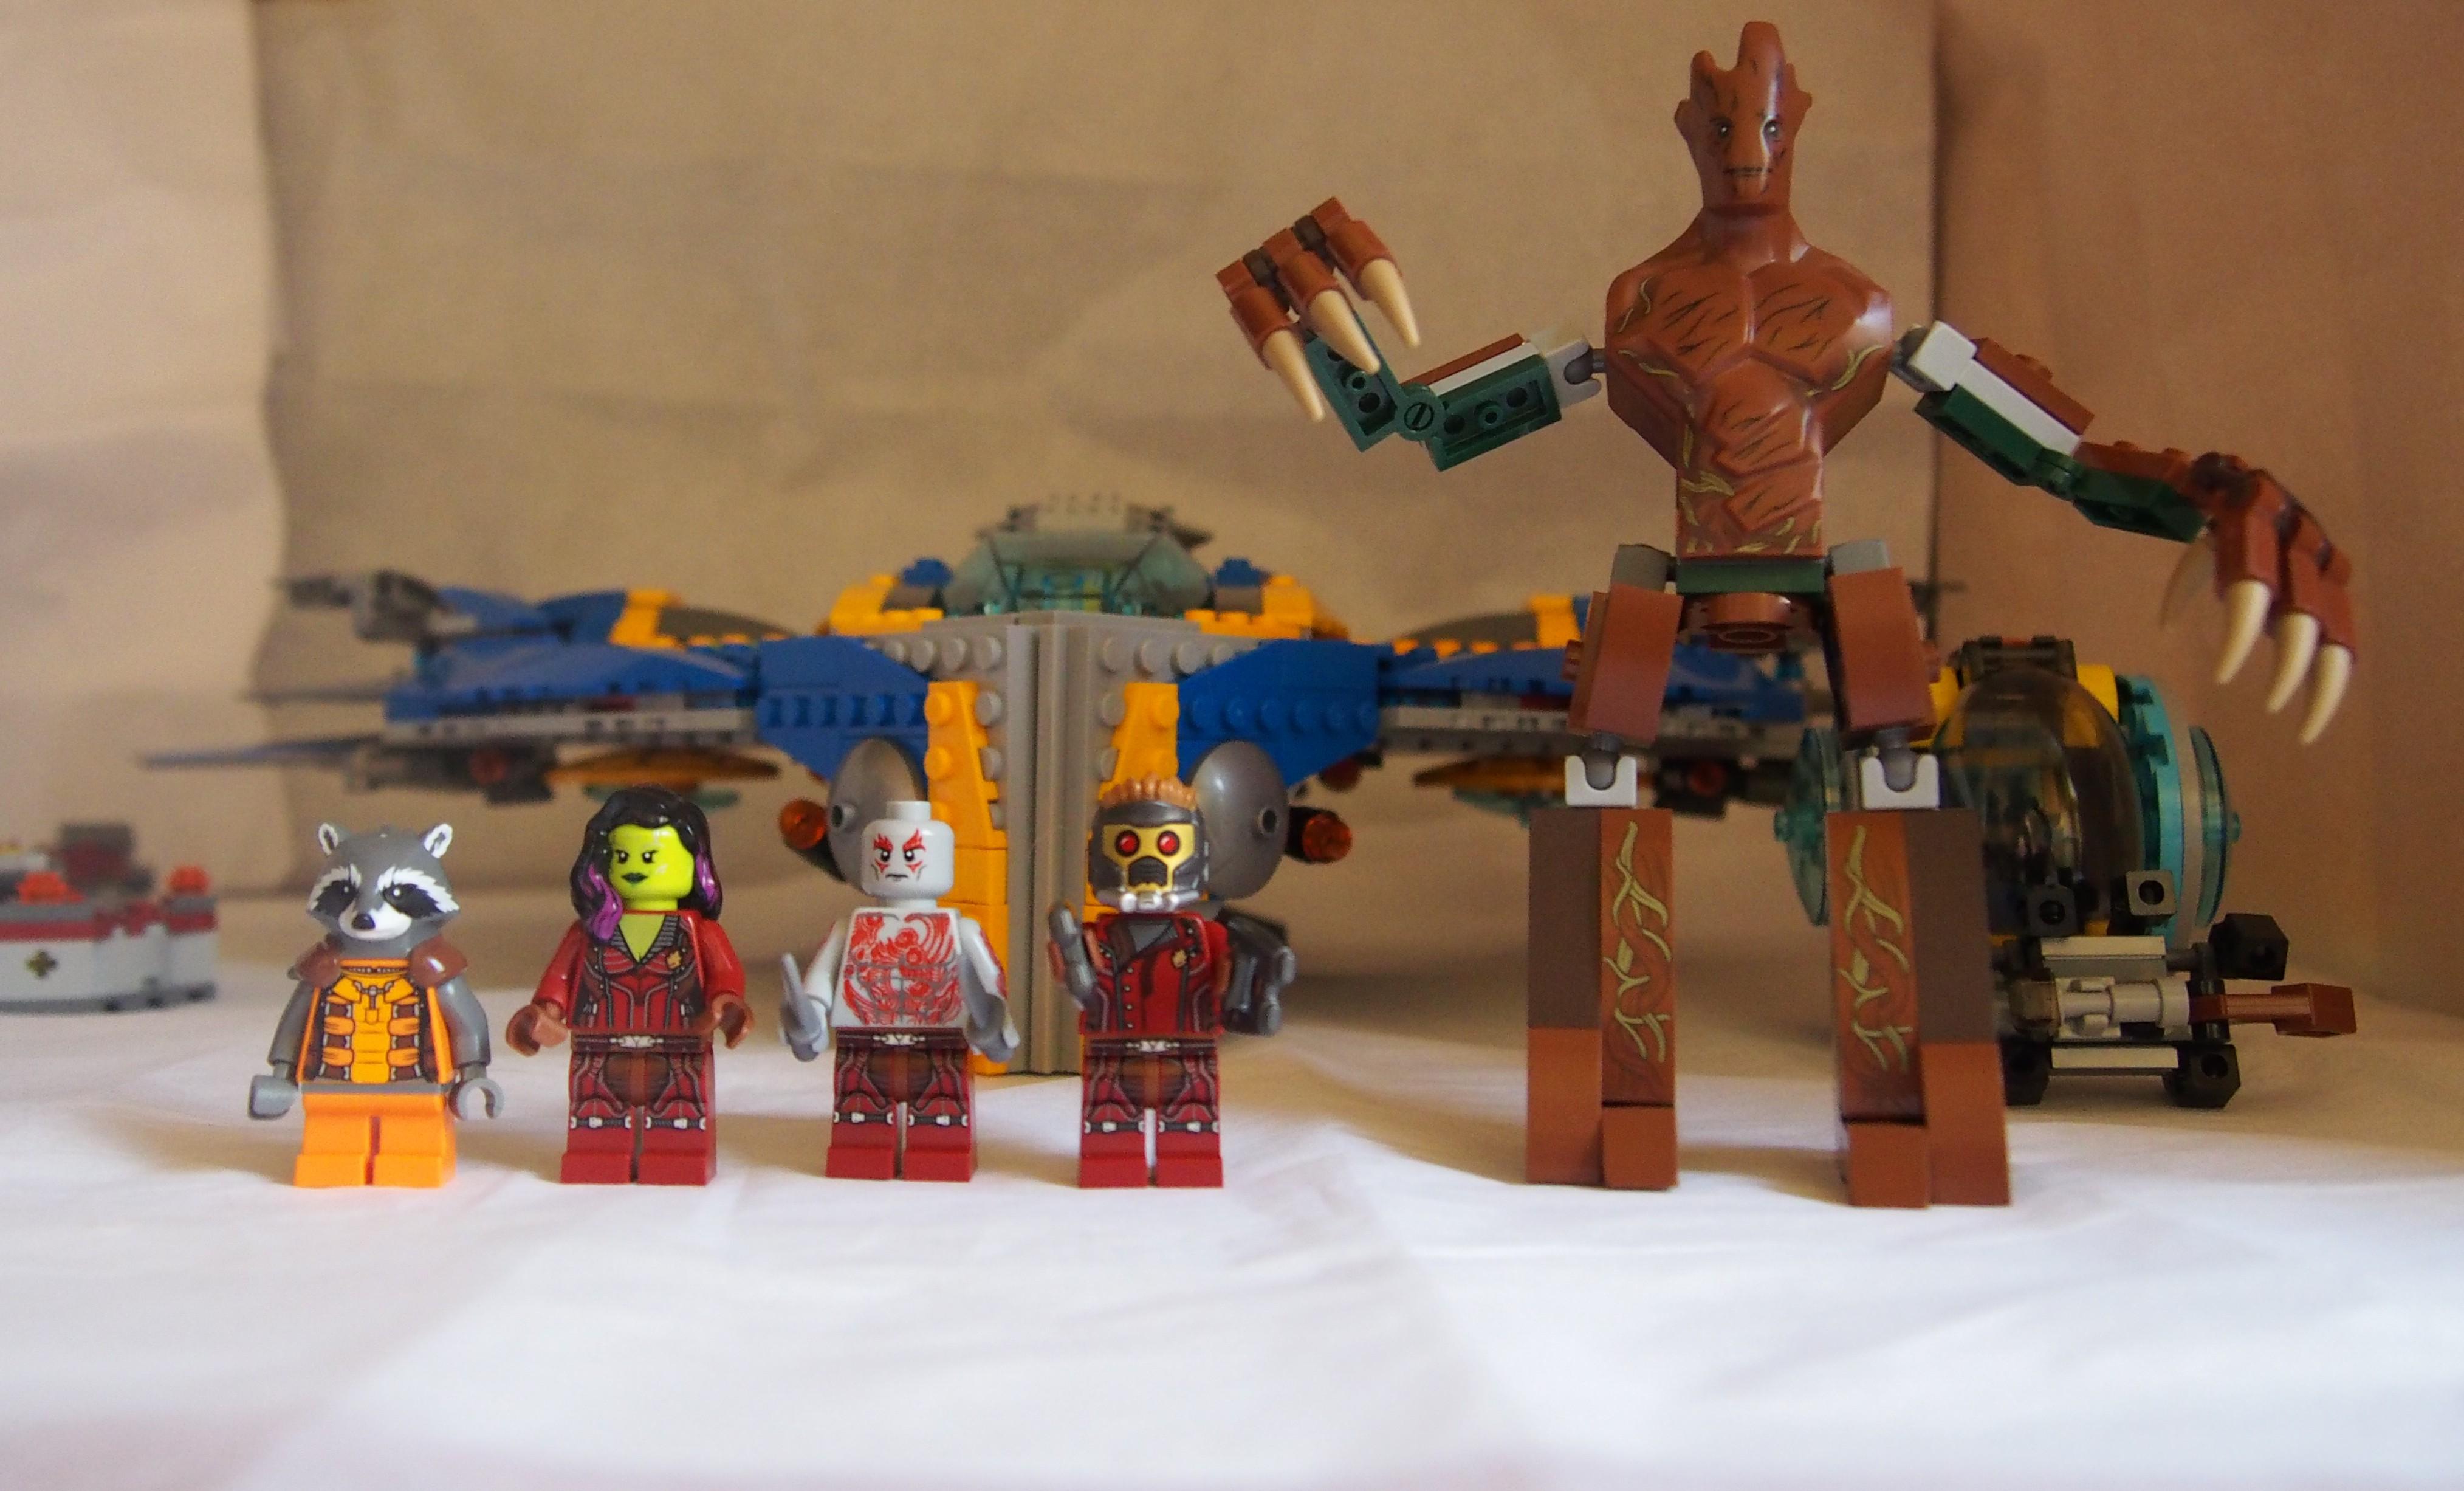 comment avoir les gardiens de la galaxie dans lego marvel